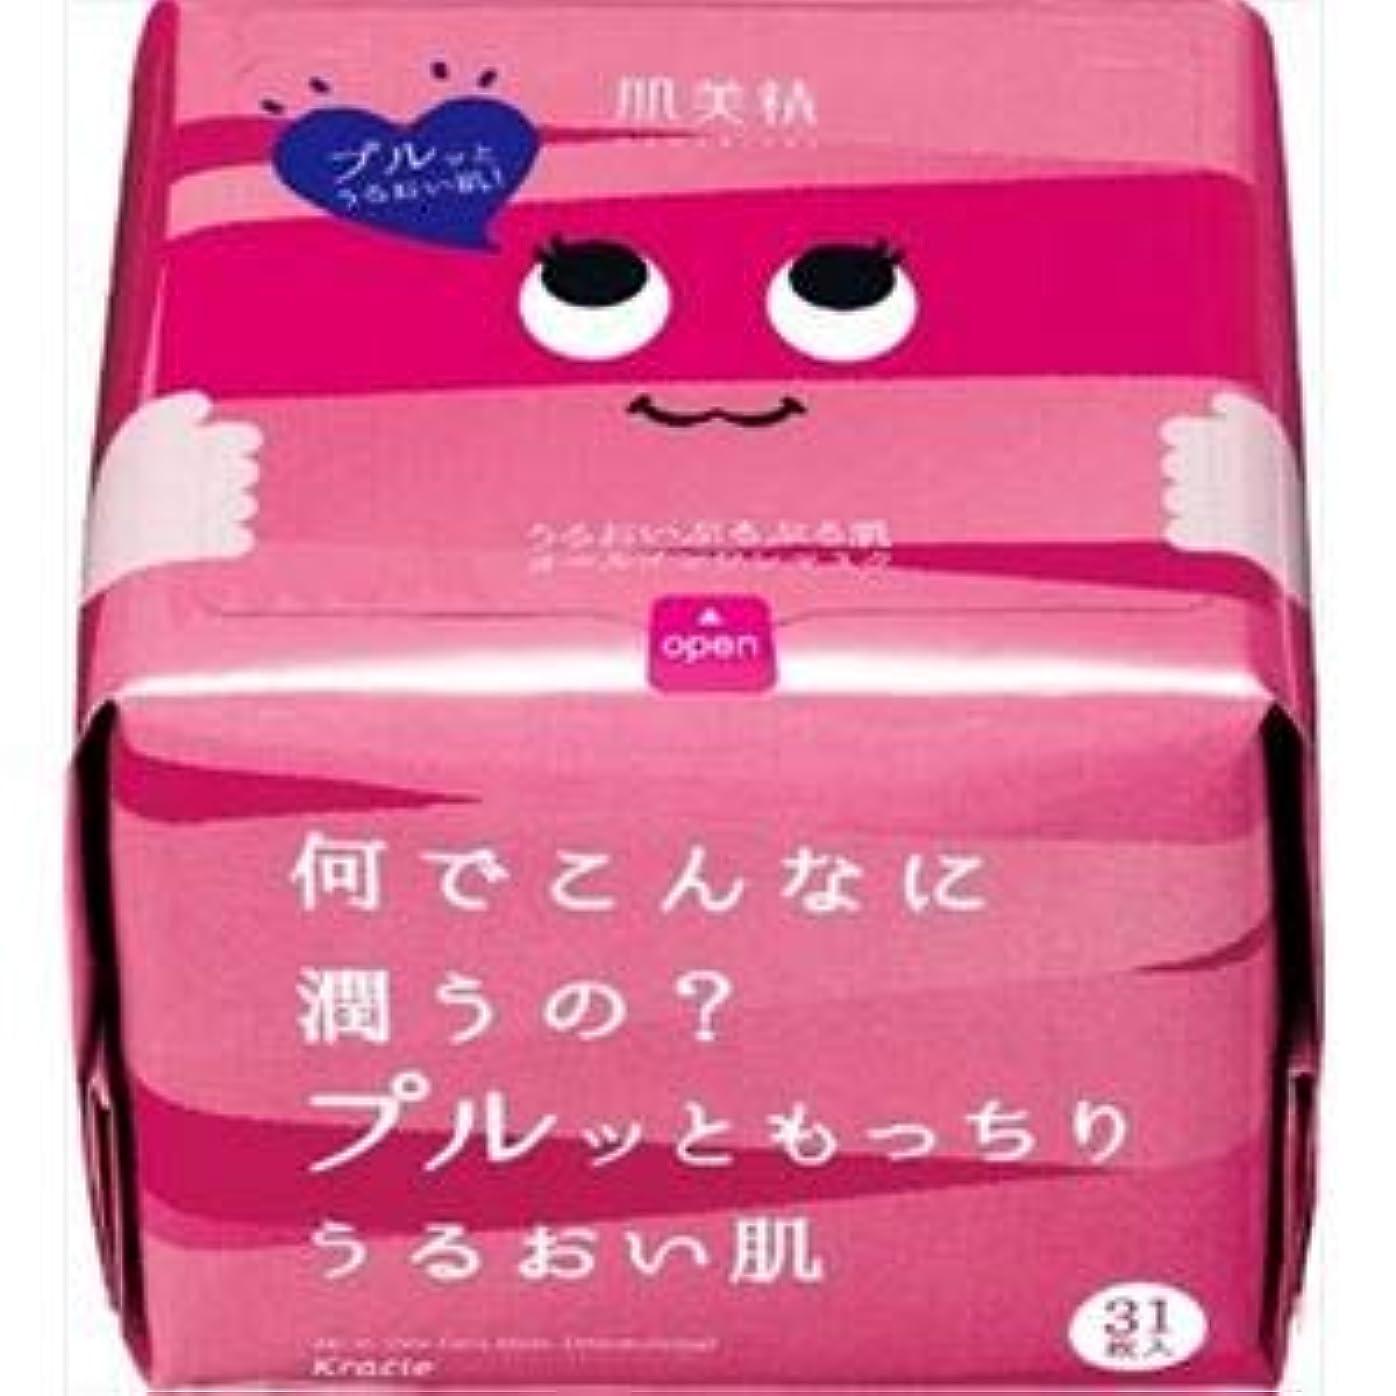 建物霜を通して(まとめ)クラシエ 肌美精 デイリーモイスチュアマスク(うるおい) 【×3点セット】